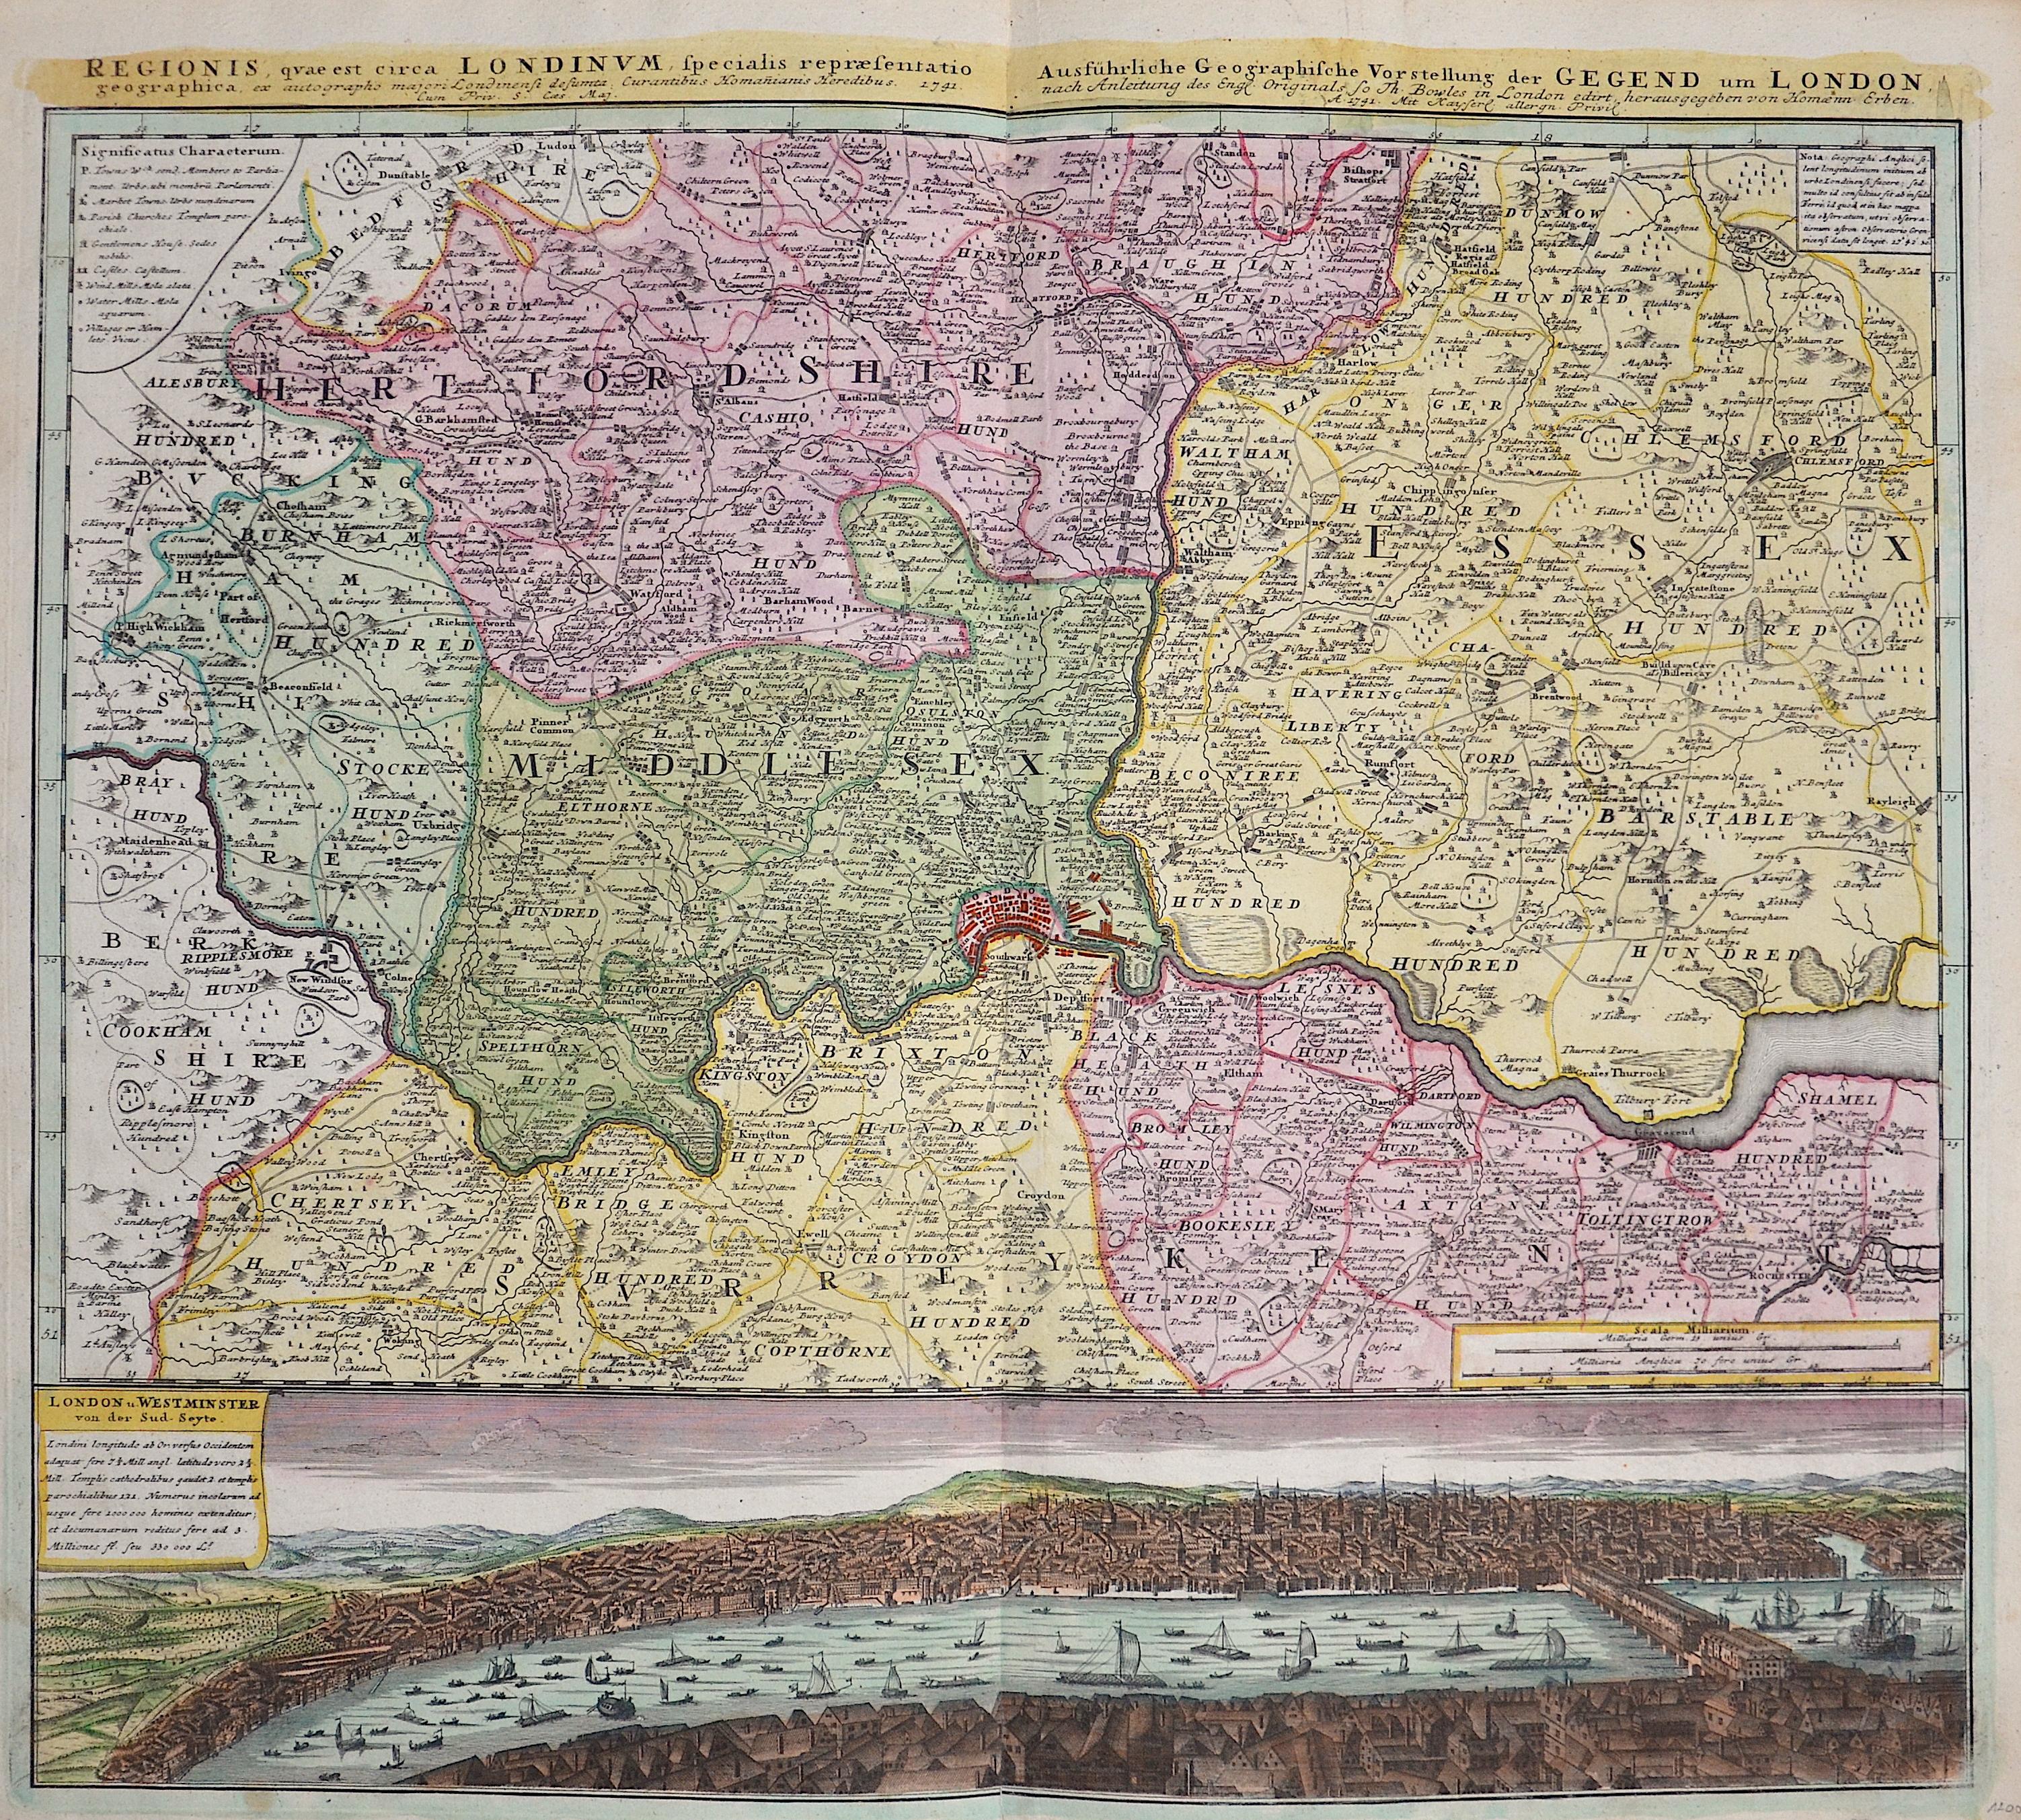 Homann Erben  Ausführliche Geographische Vorstellung der Gegend um London